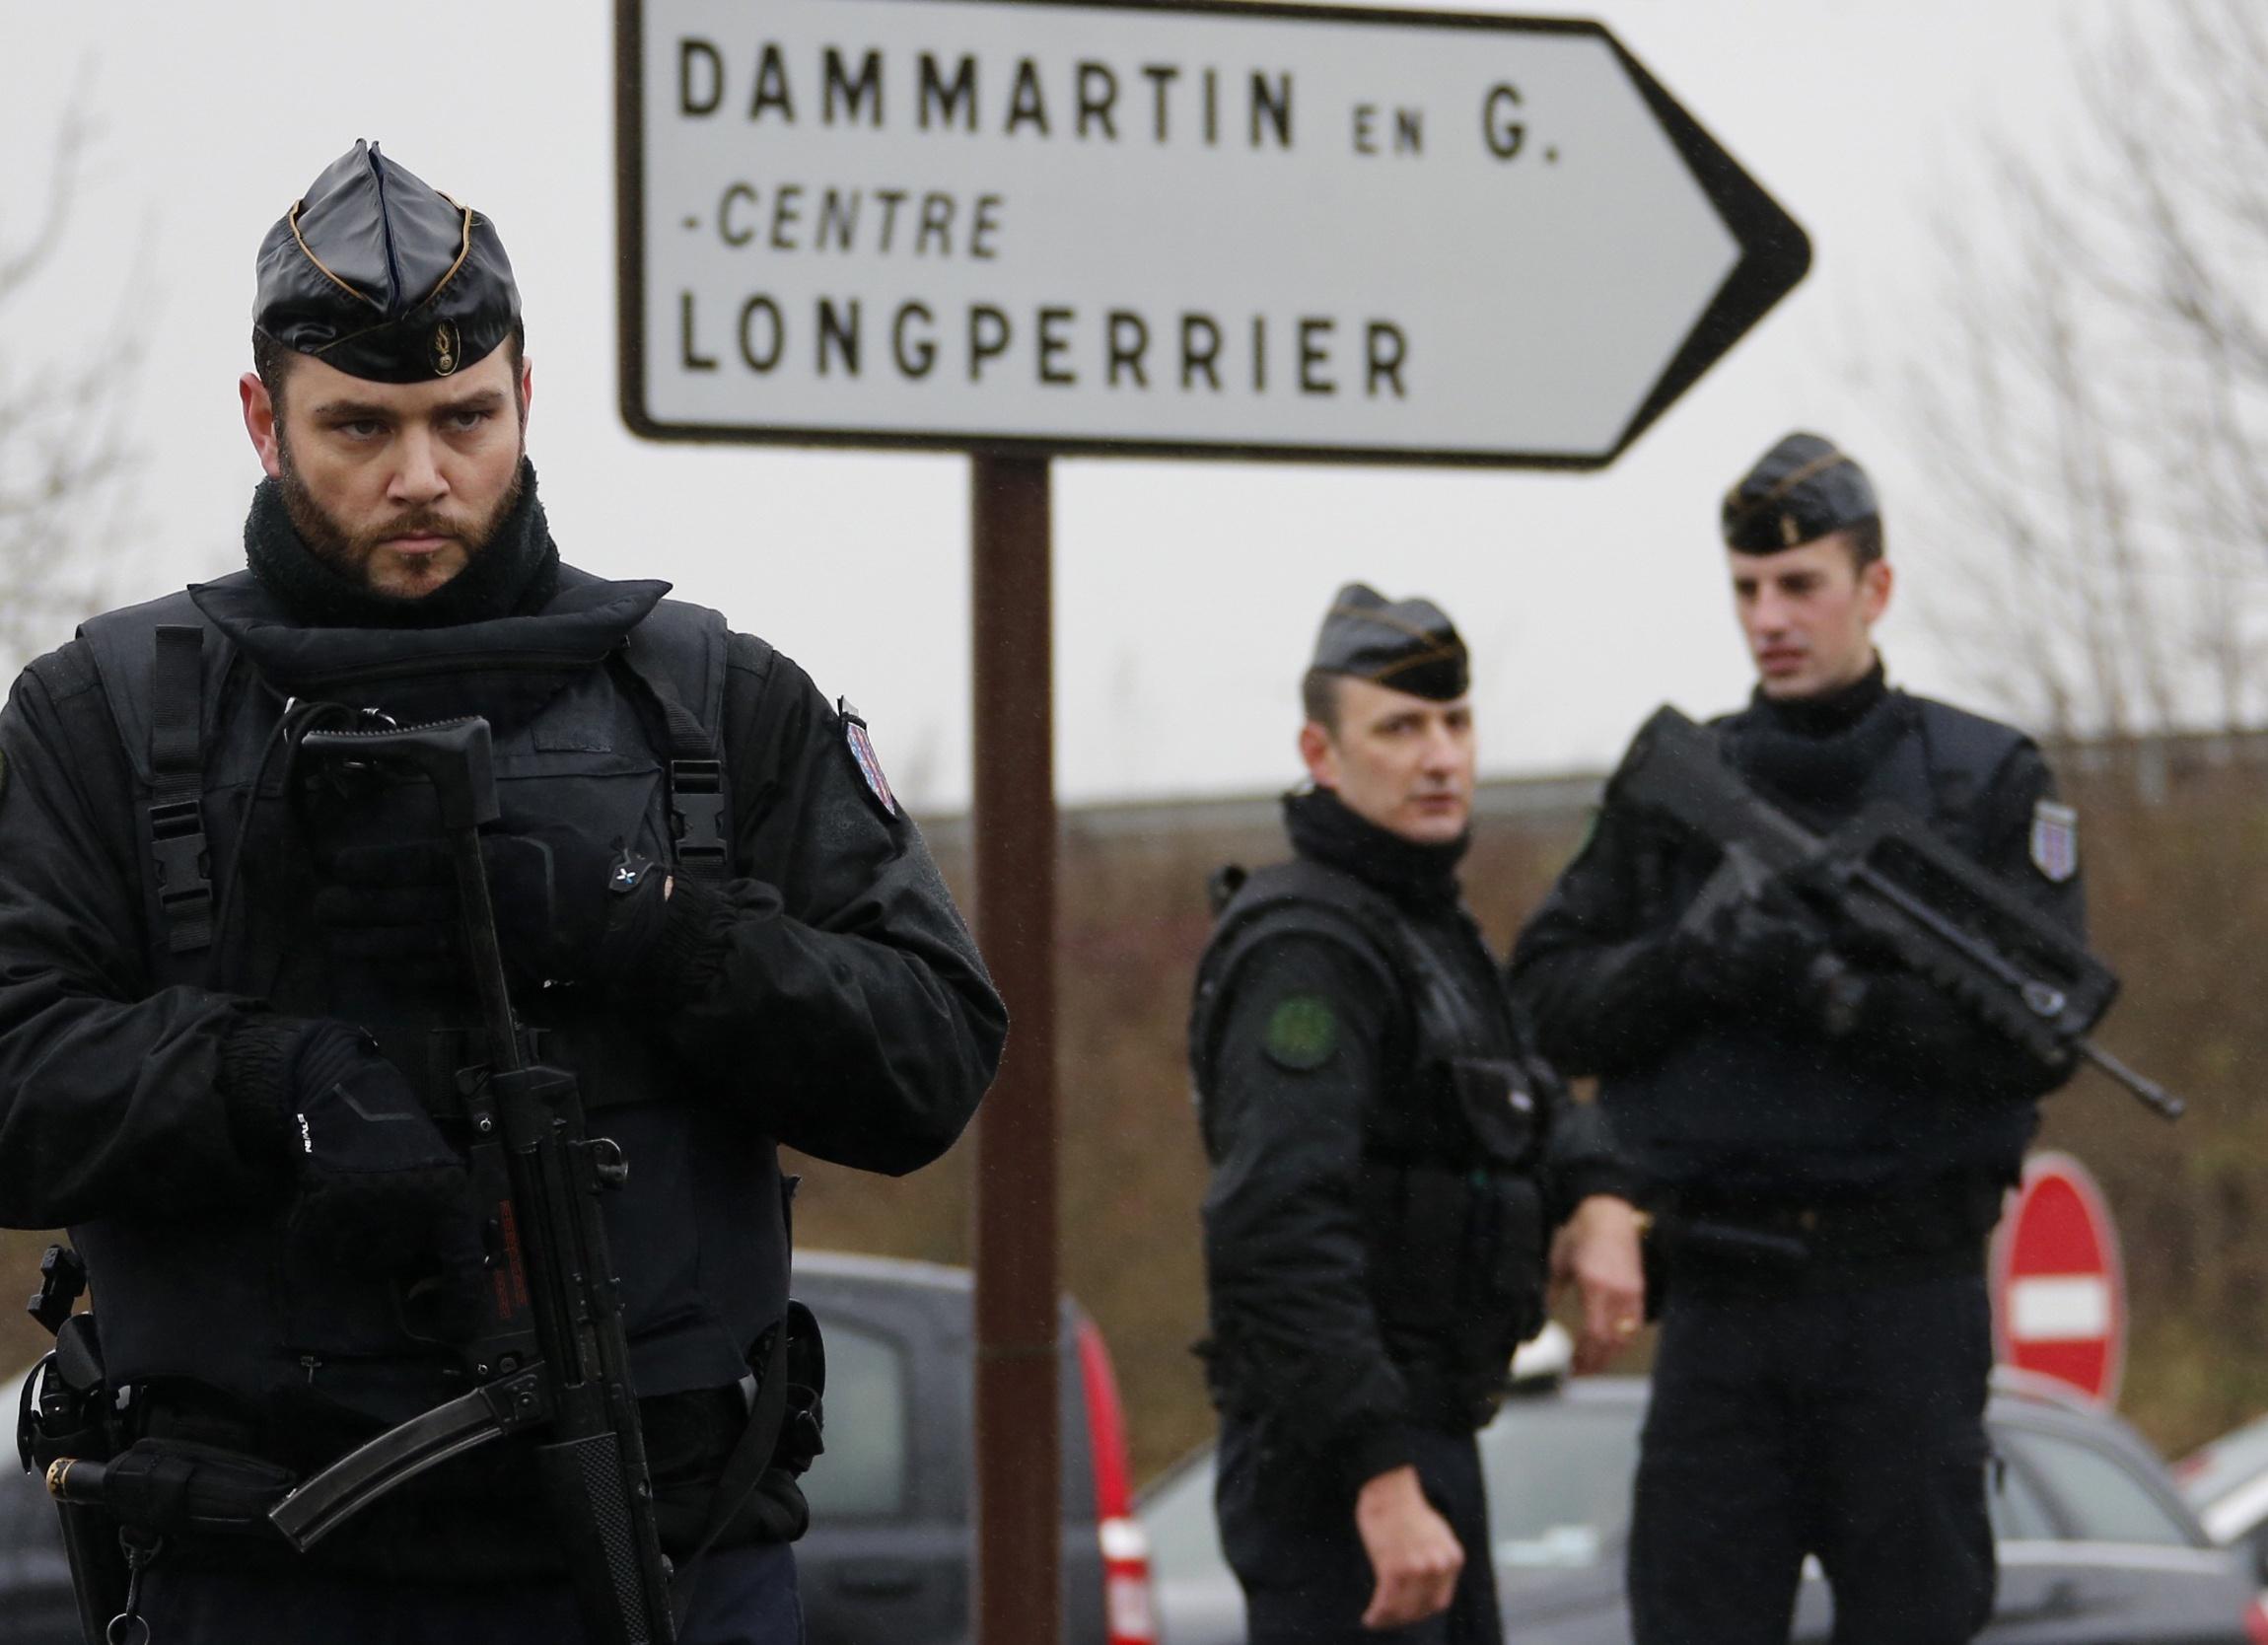 فديو صور لحظة مقتل المشتبه بهما بهجوم شارلي إيبدو بفرنسا